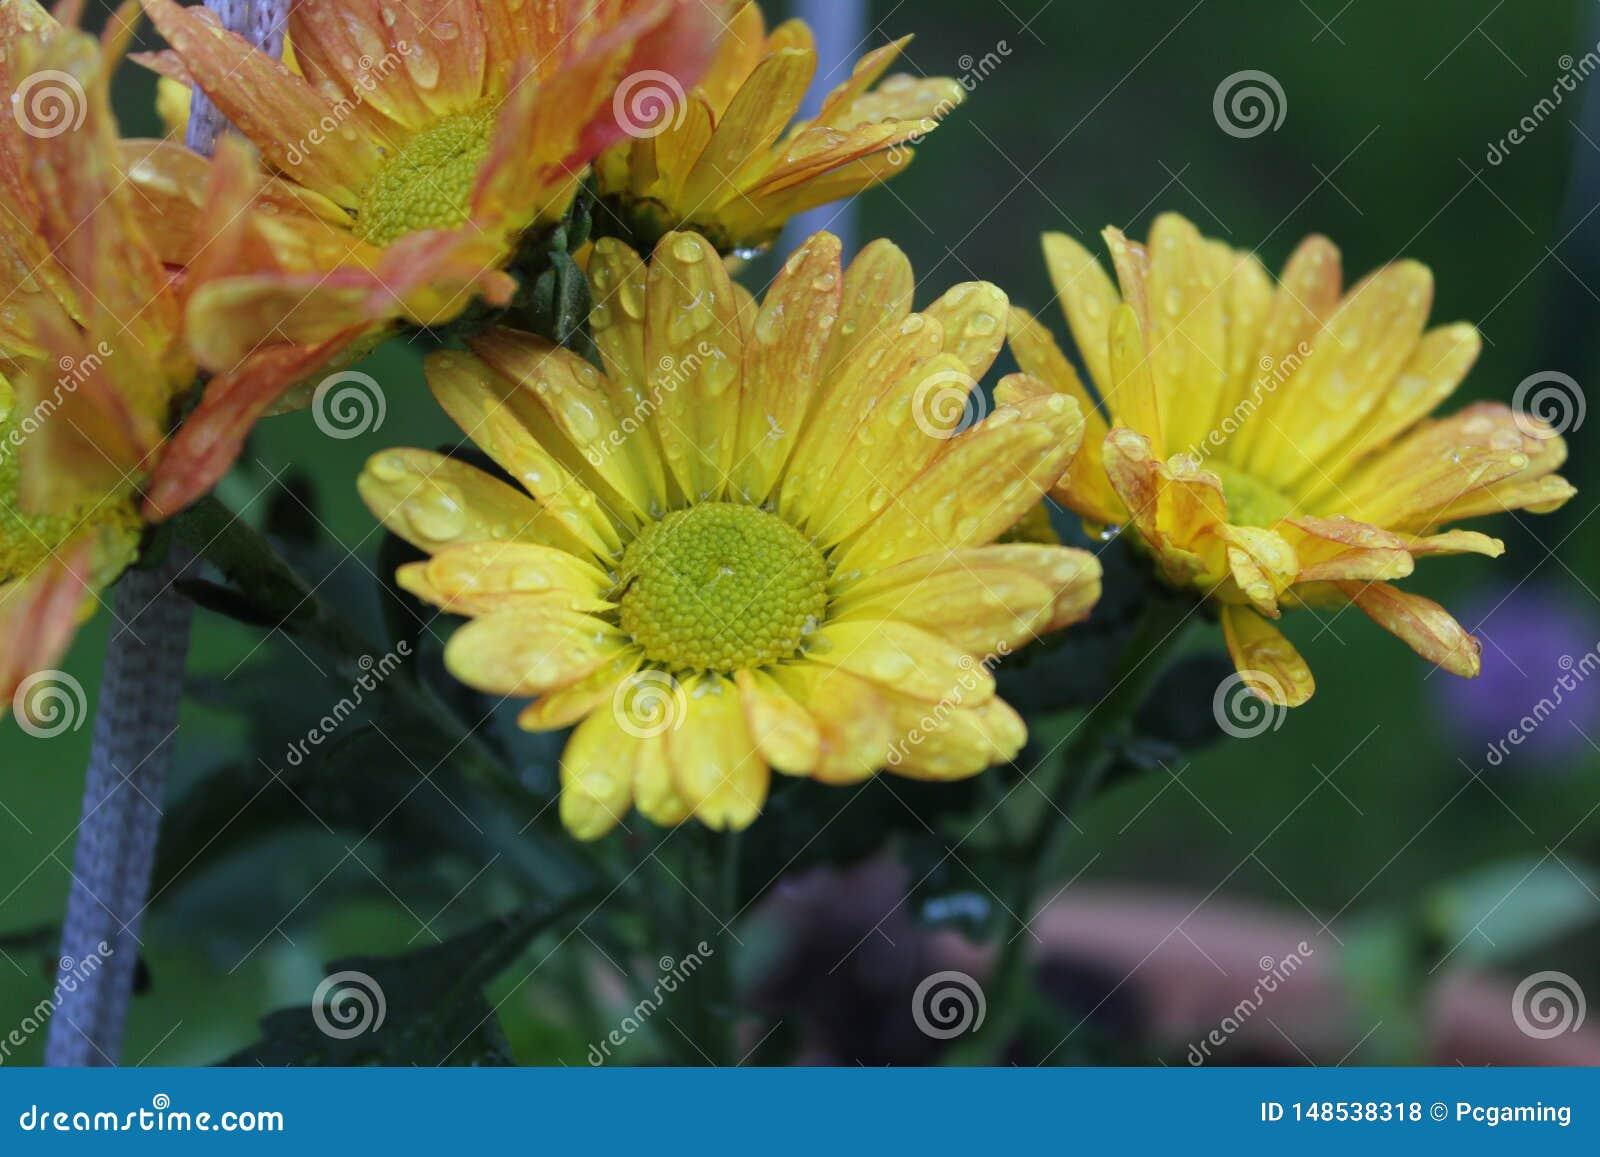 Κίτρινα λουλούδια δίπλα στα πορτοκαλιά και κόκκινα λουλούδια